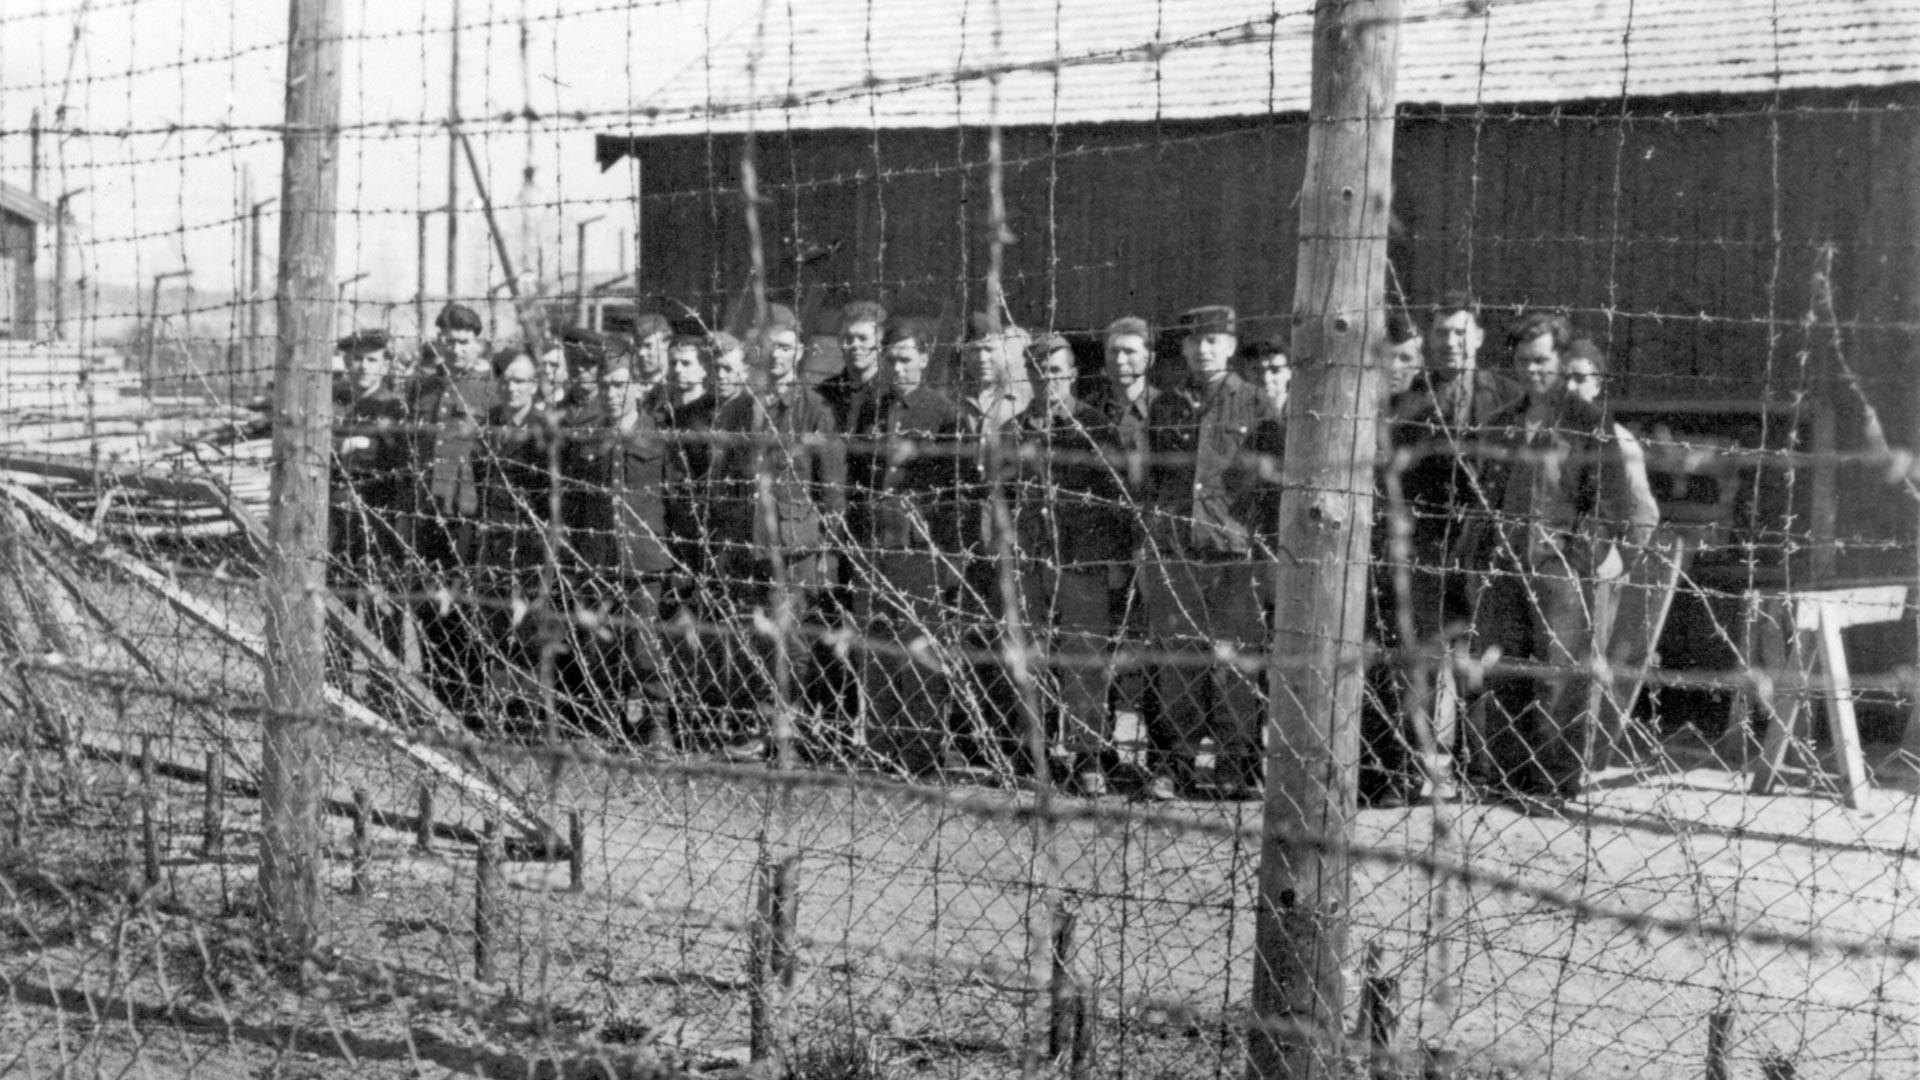 Prisonniers de guerre dans le camp de concentration de Falstad